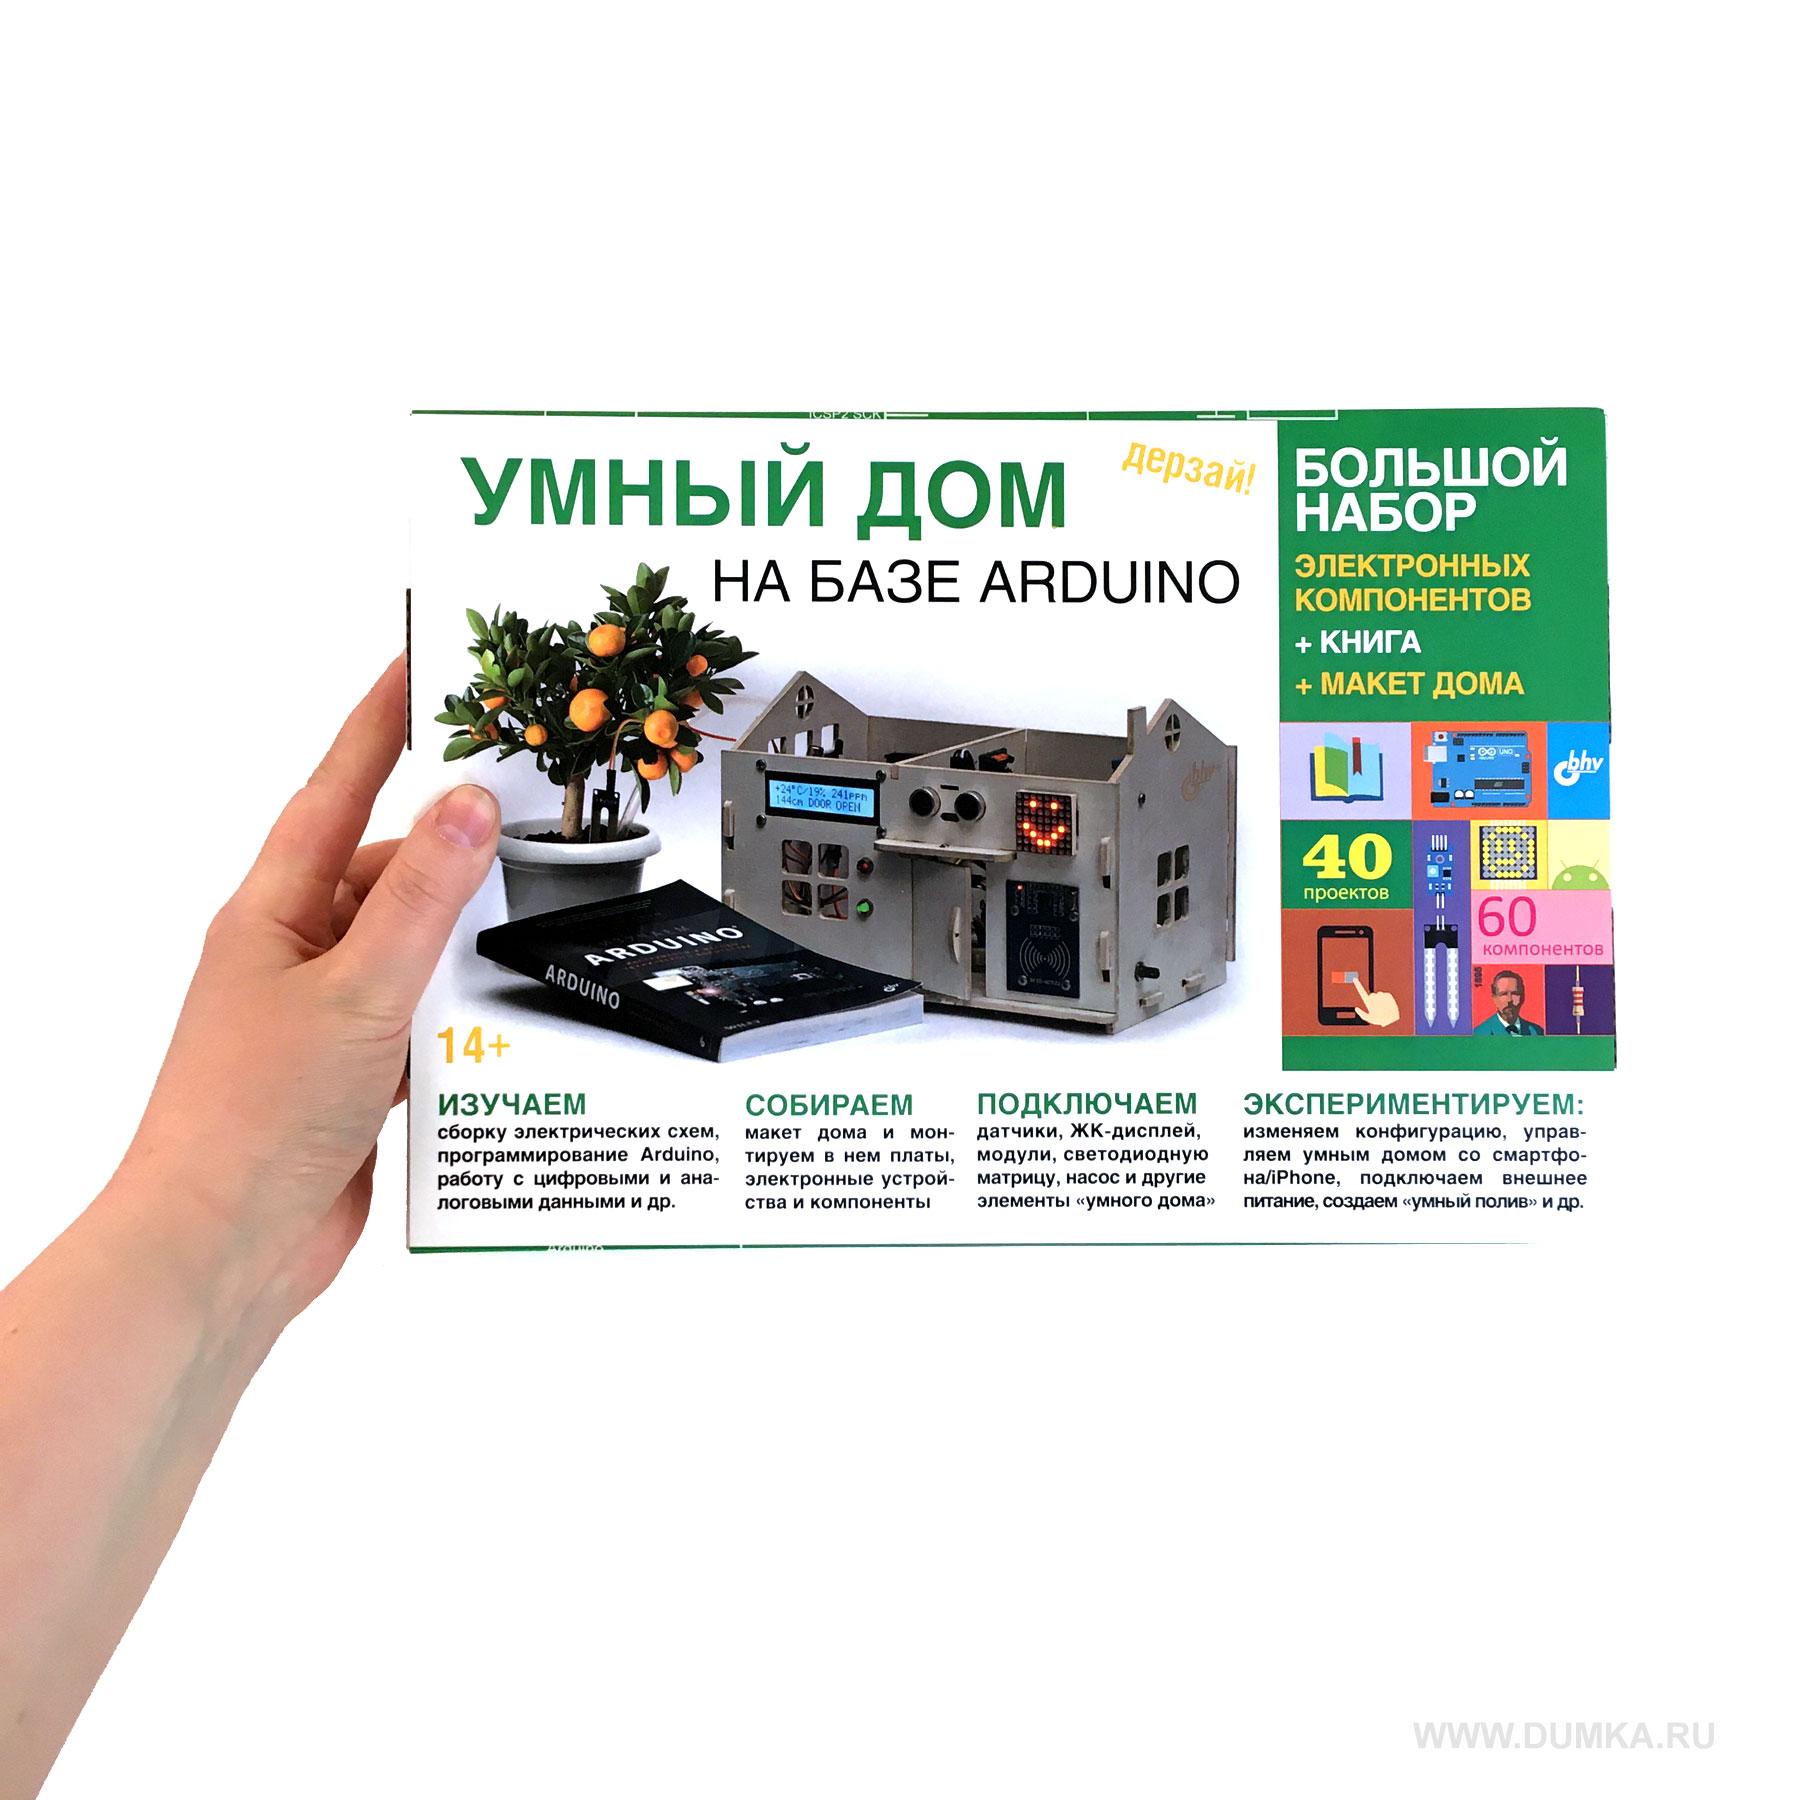 nabor-po-elektronike-umnyi-dom-na-baze-arduino-foto-tdx-978-5-9775-6608-7-07.jpg